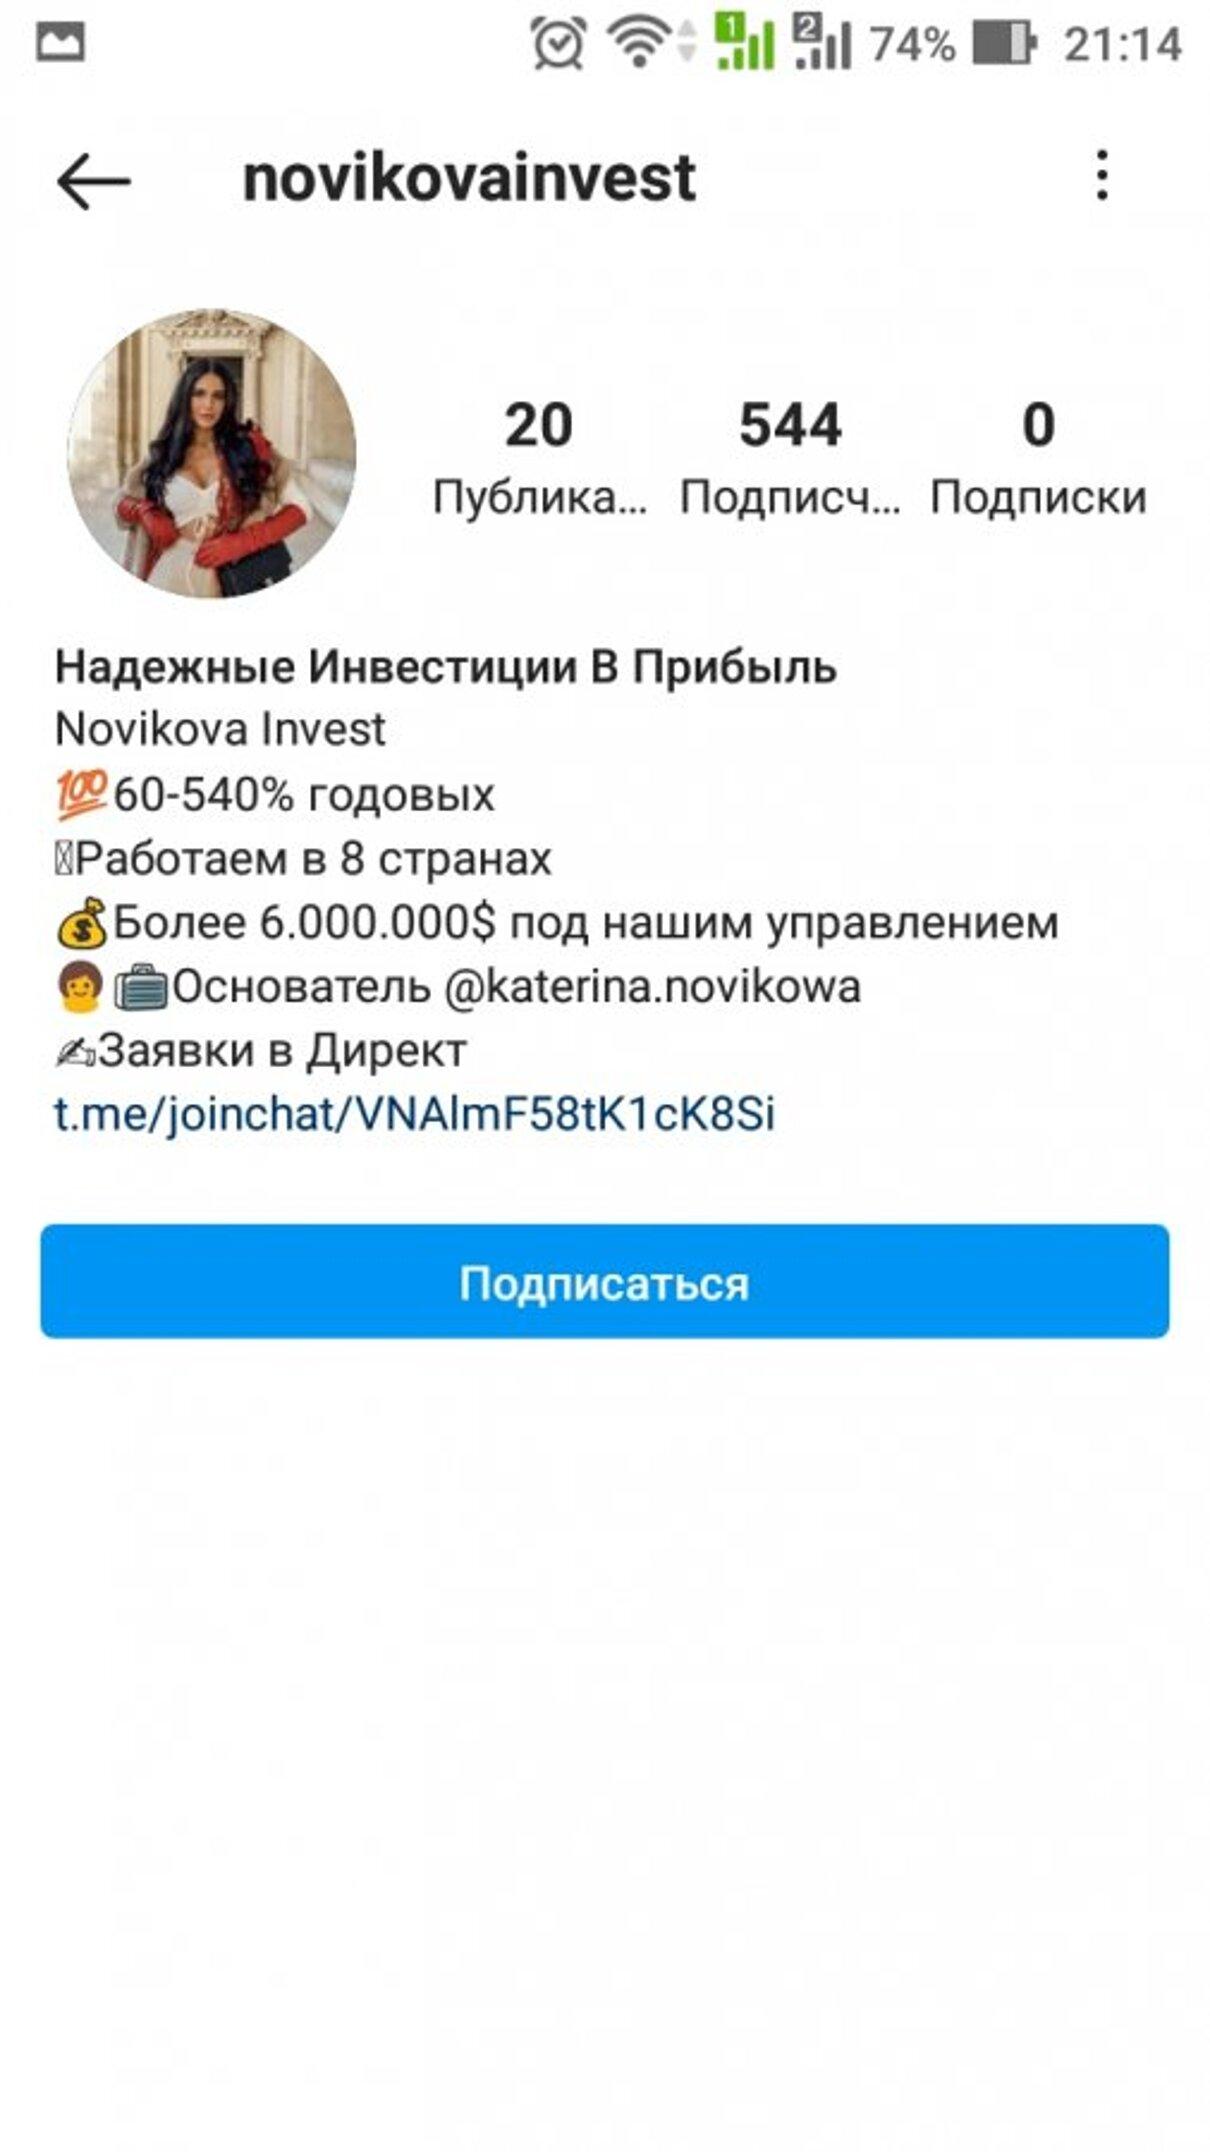 Жалоба-отзыв: Екатерина Новикова (novikovainvest) - Мошенница Новикова Екатерина.  Фото №2